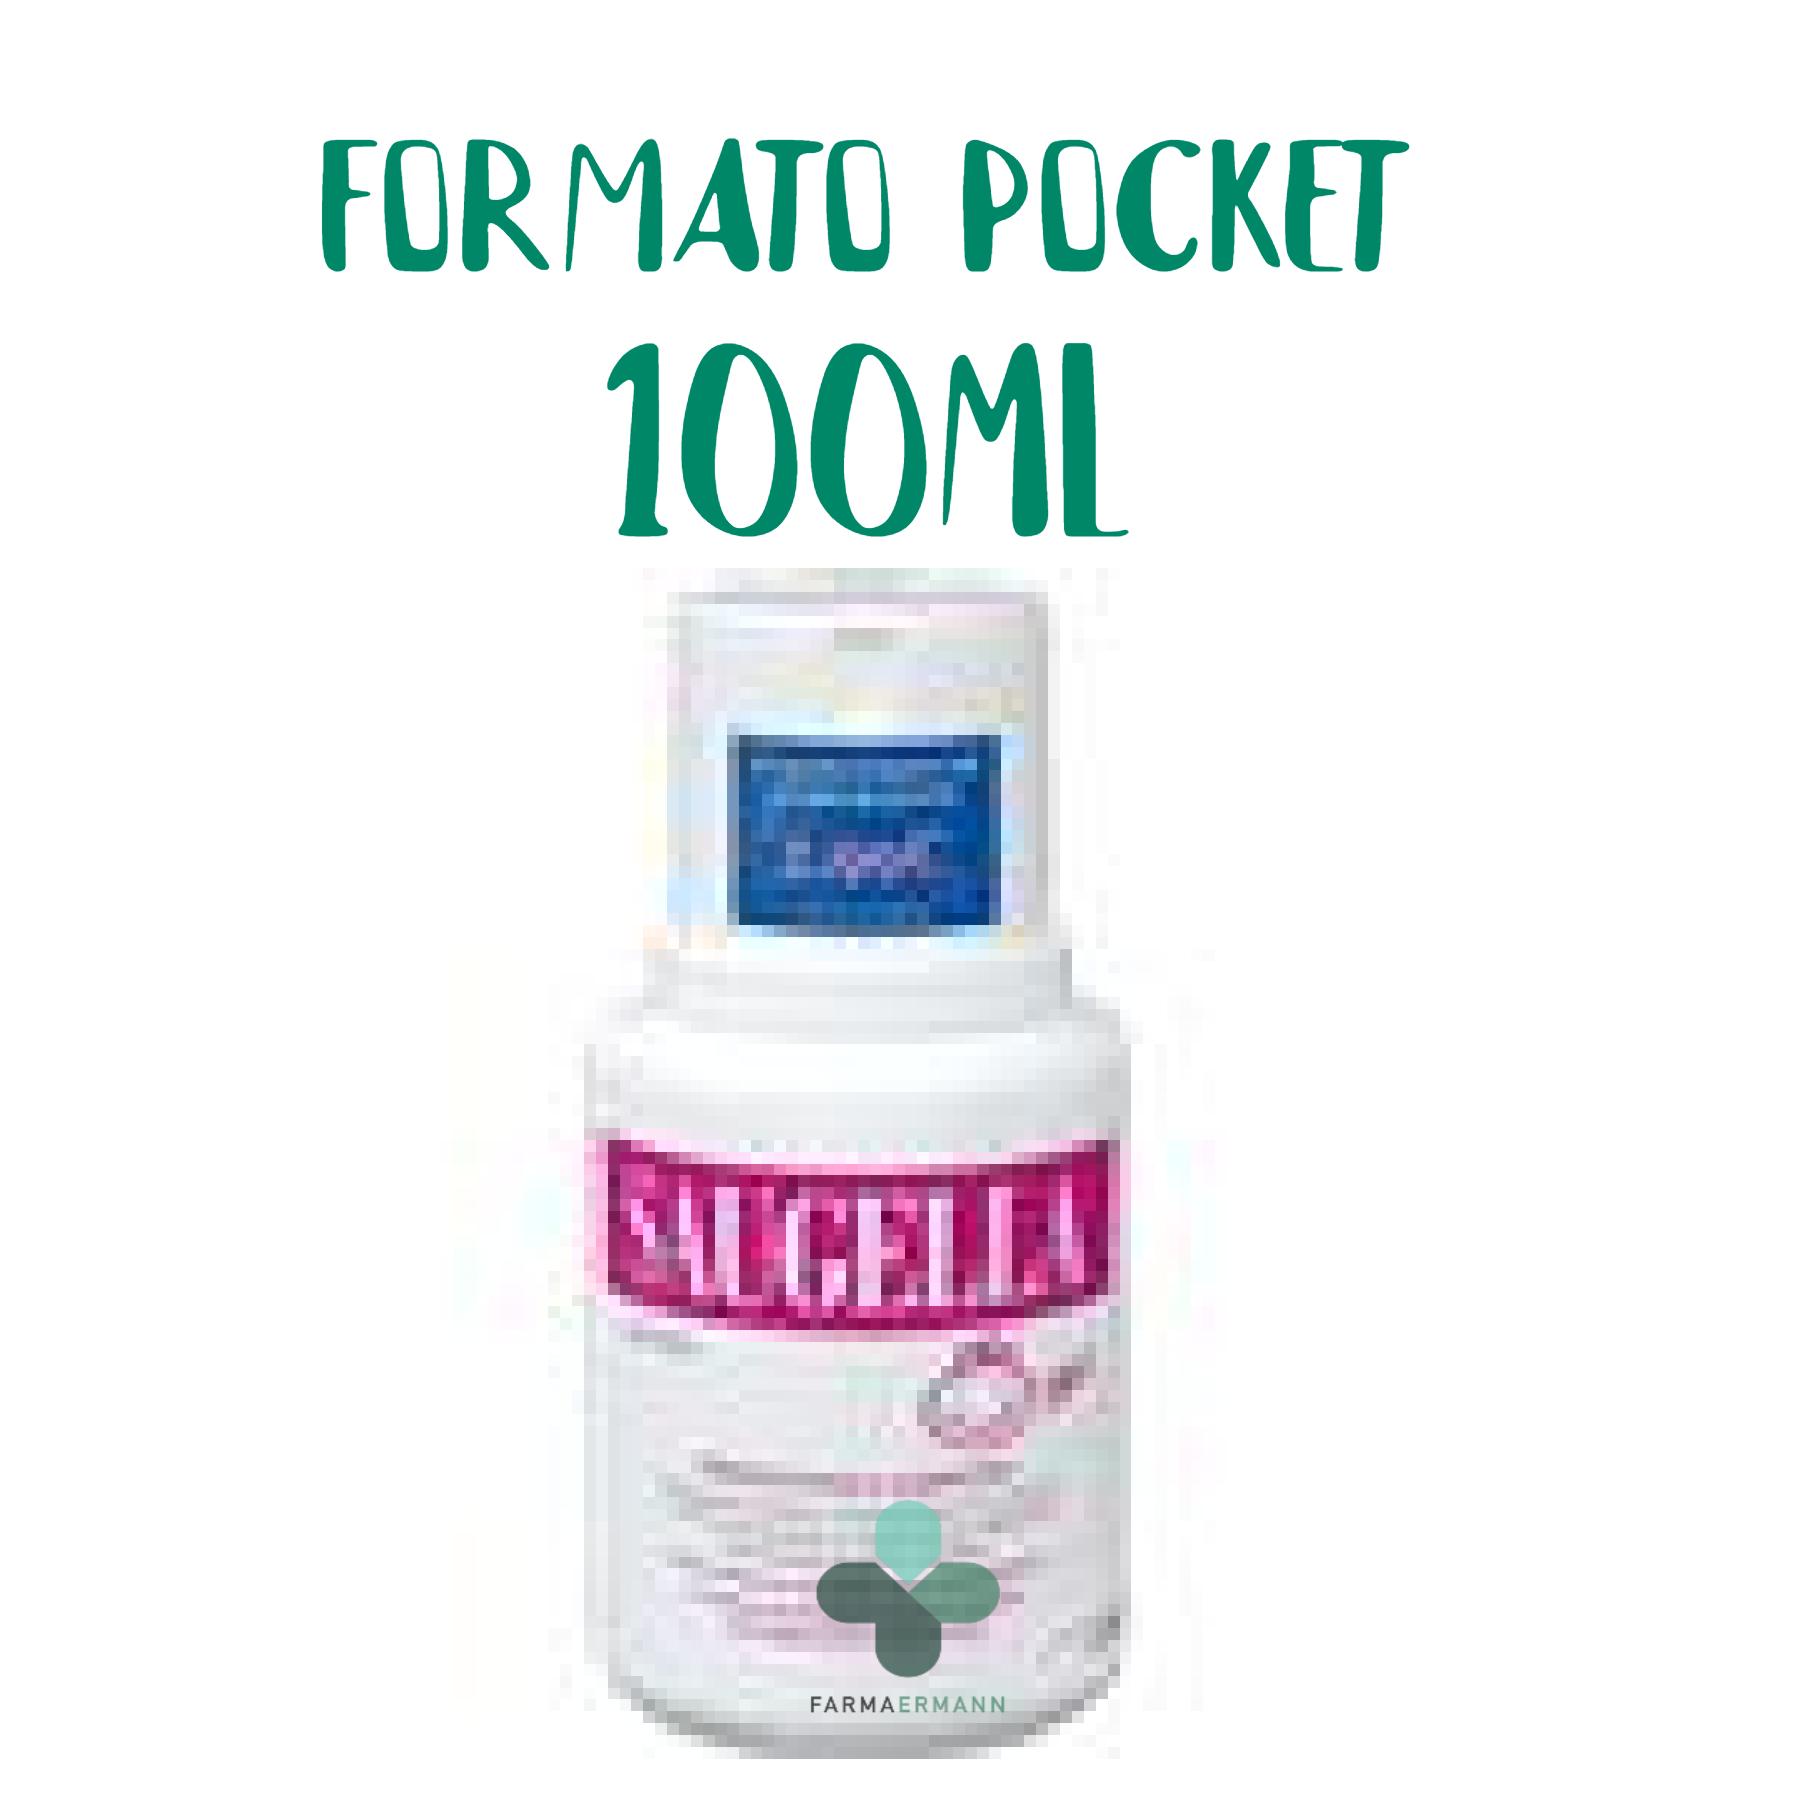 Mylan Saugella Girl detergente intimo per bambine e pre adolescenti (formato pocket 100 ml)